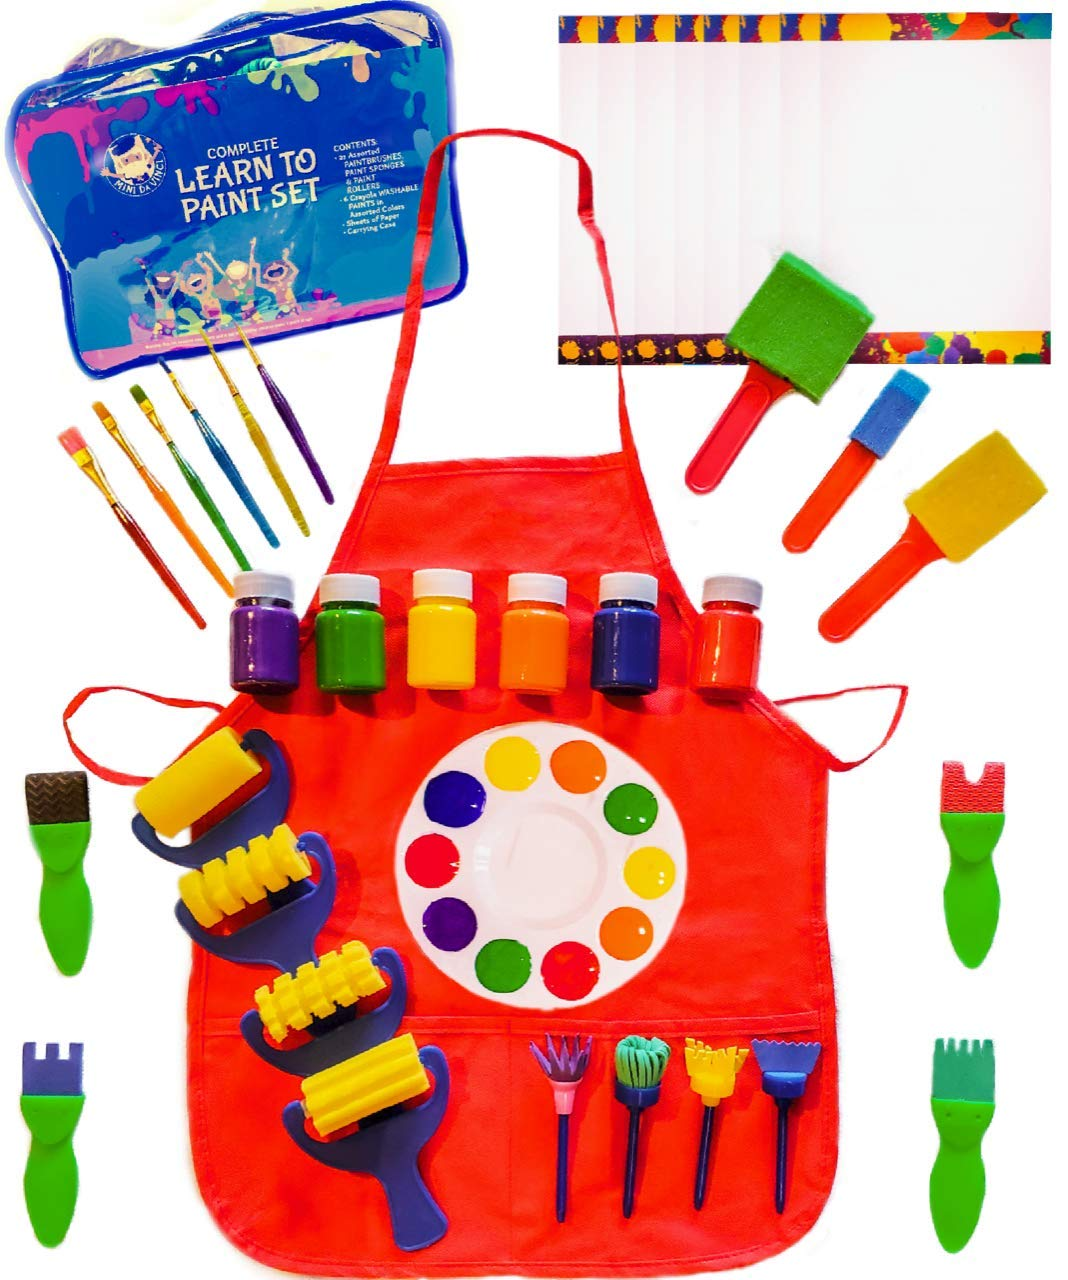 Little Kids Art Set - Kids Art Supplies - 48 Piece Set Paint Brushes, Bonus Paint Smock, Finger Paints, Palette, Foam Texture Brushes, Paper - Nontoxic Washable Paint - Learn to Paint Set by Complete Learn to Paint Set